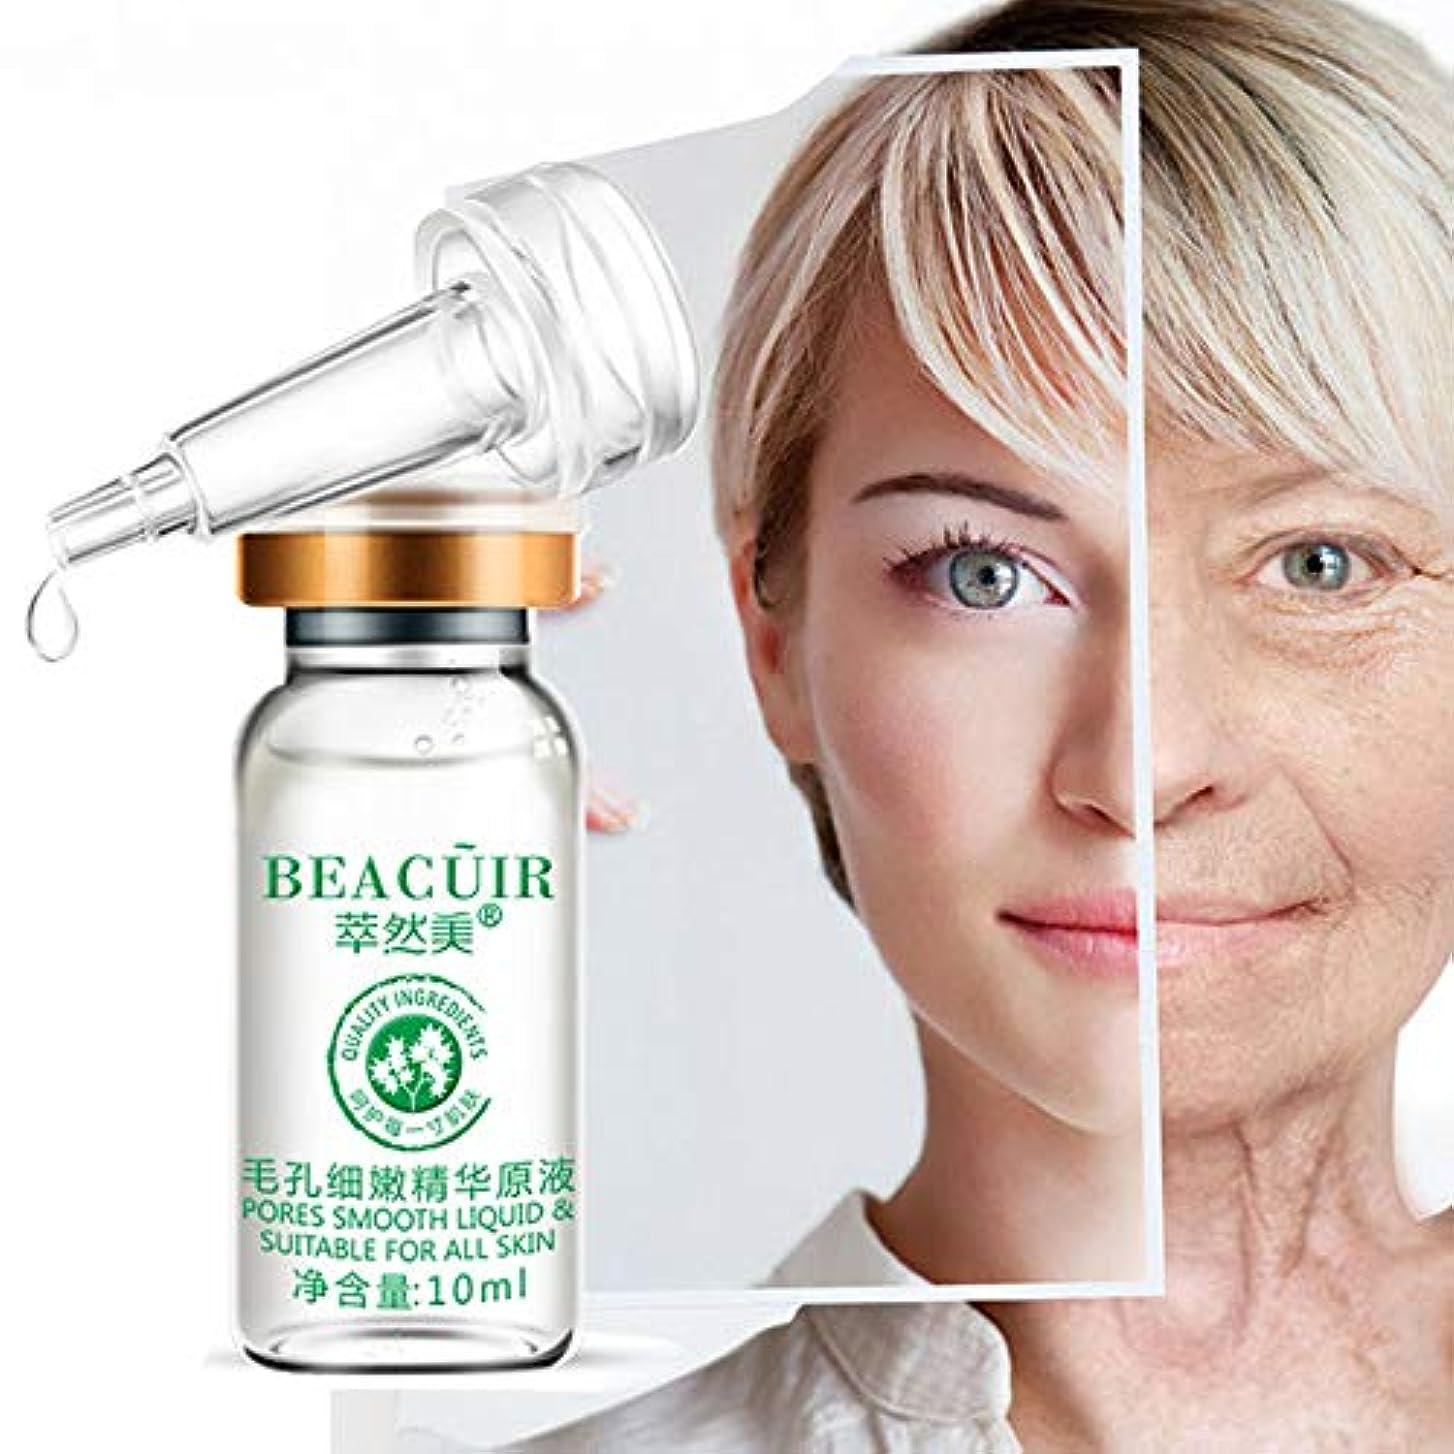 どきどき精査苦しめるAkane BEACUIR 天然 水分 肌の明るさ 修復 美白 繊細 しわ取り 毛穴縮小 保湿 黒ずみ 角質除去 肌荒れ防止 くすんだ肌を改善し エッセンス 10ml